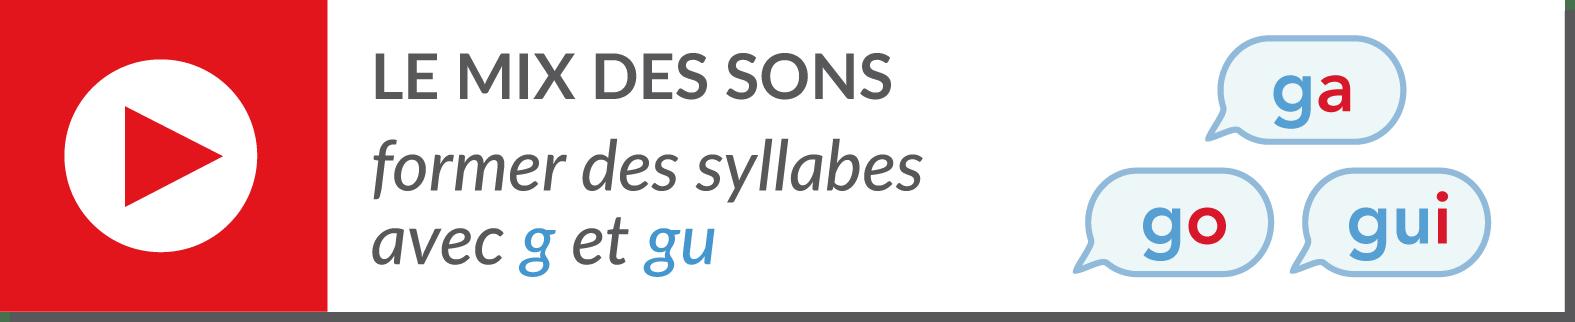 lecture de syllabes - vidéo syllabes - lettre g son [g]